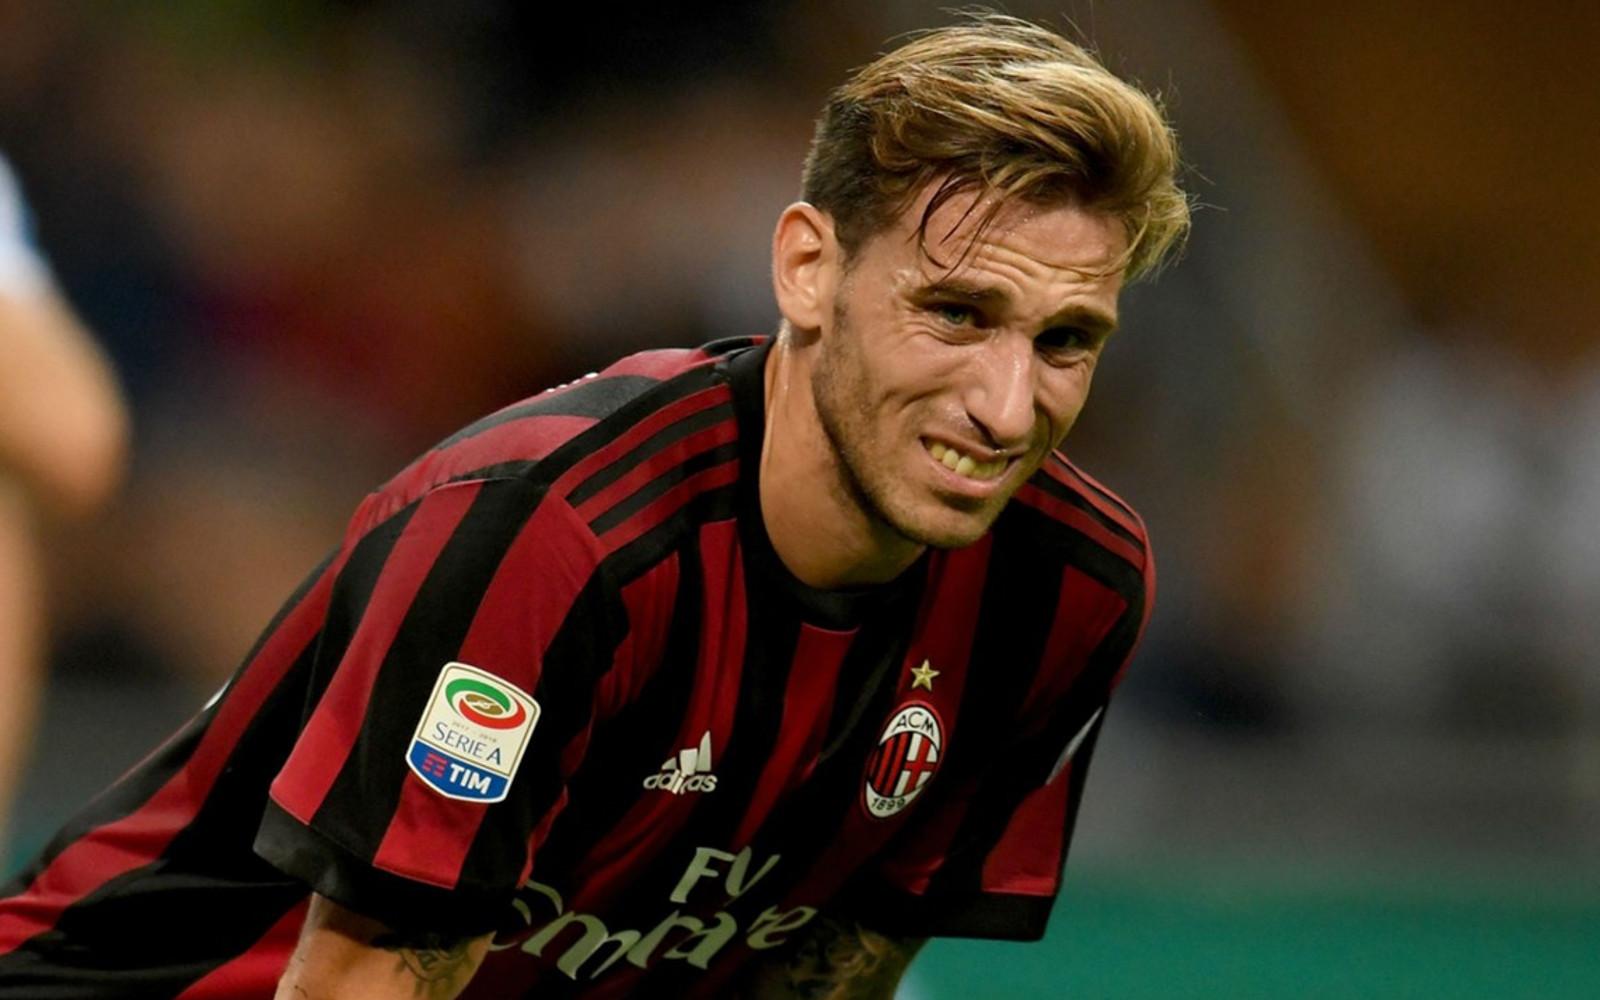 Lucas Biglia sofferente con la maglia del Milan